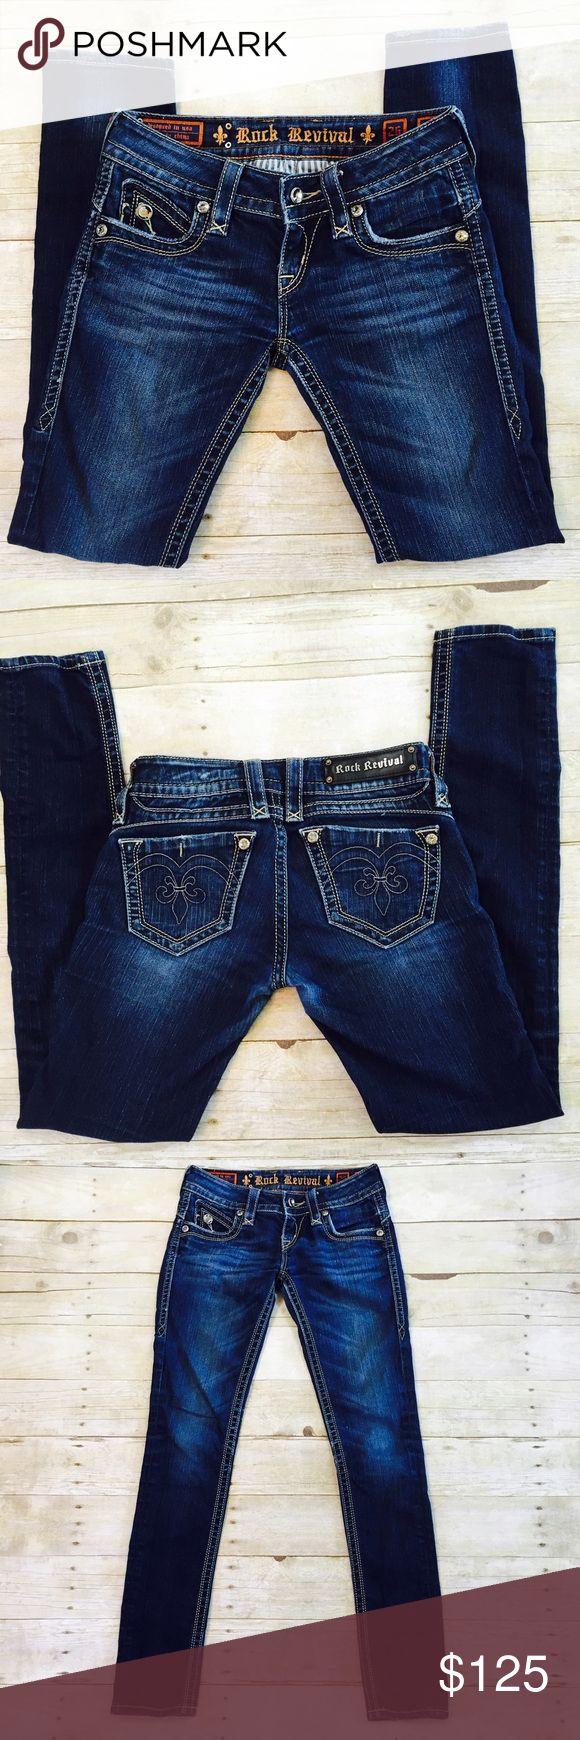 """💙Rock Revival Adele Skinny Jeans Rock revival skinny jeans, Adele style. Inseam 31"""". Rock Revival Jeans Skinny"""